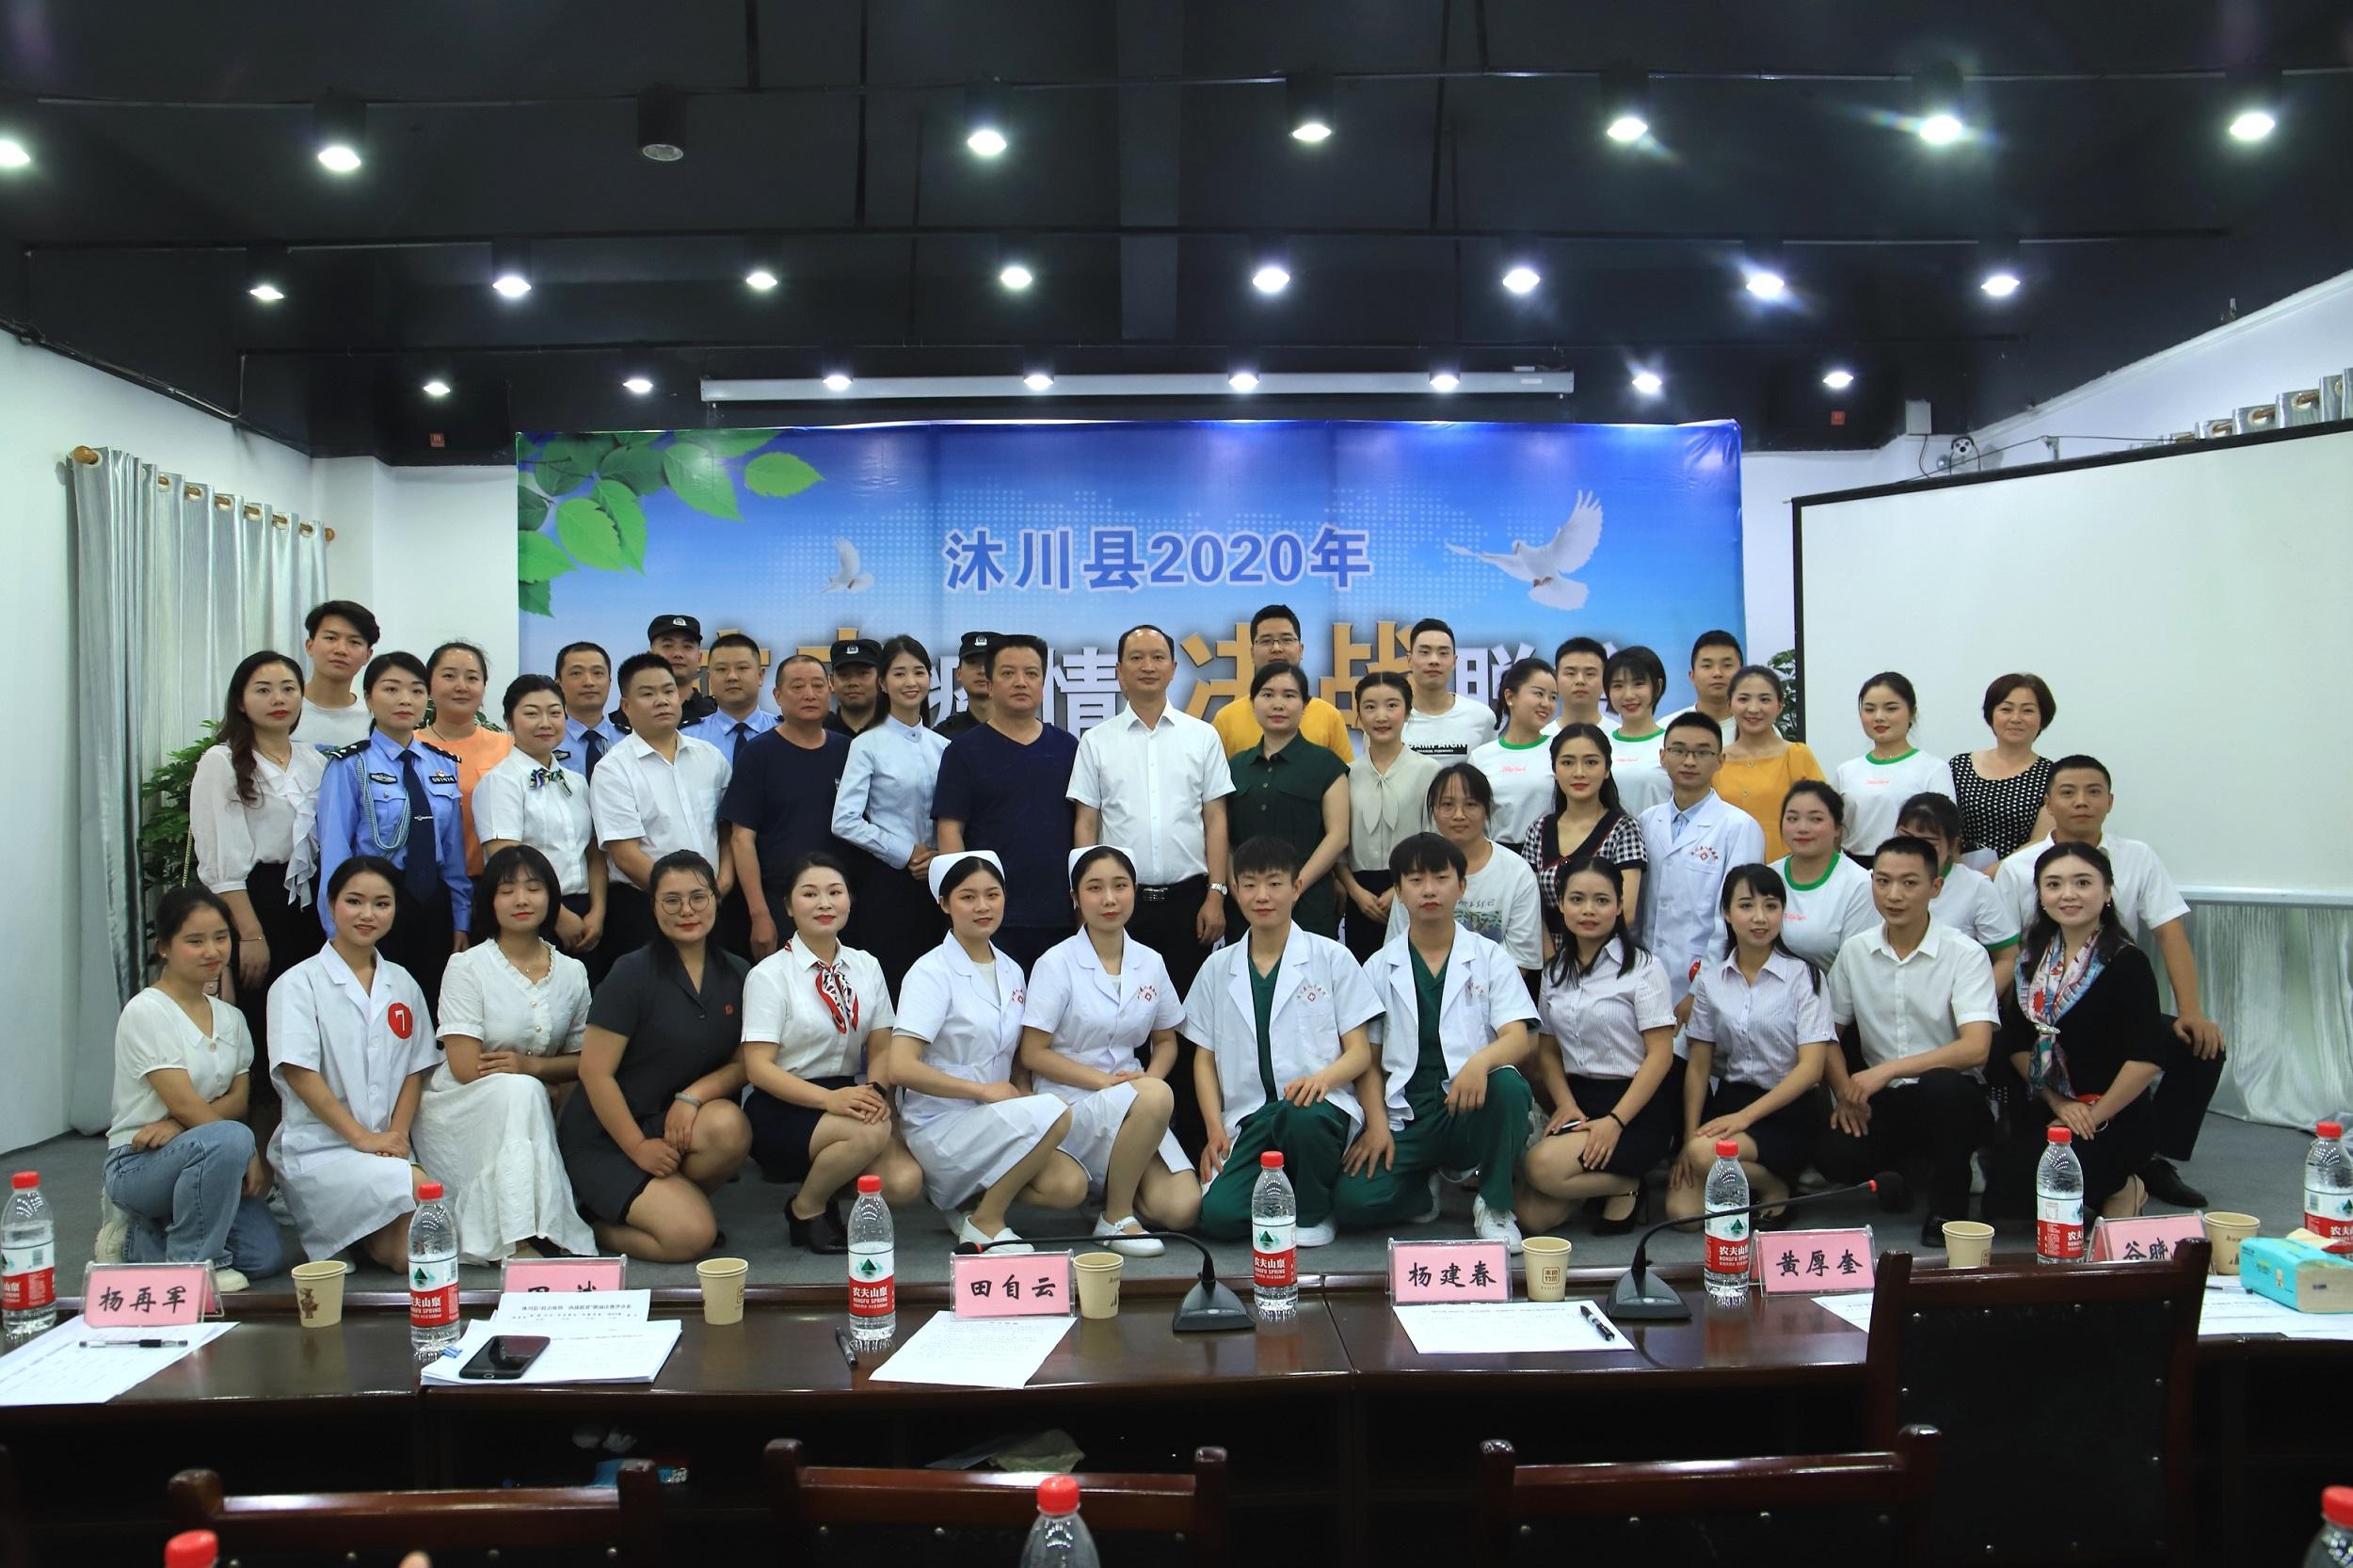 沐川县举办朗诵比赛